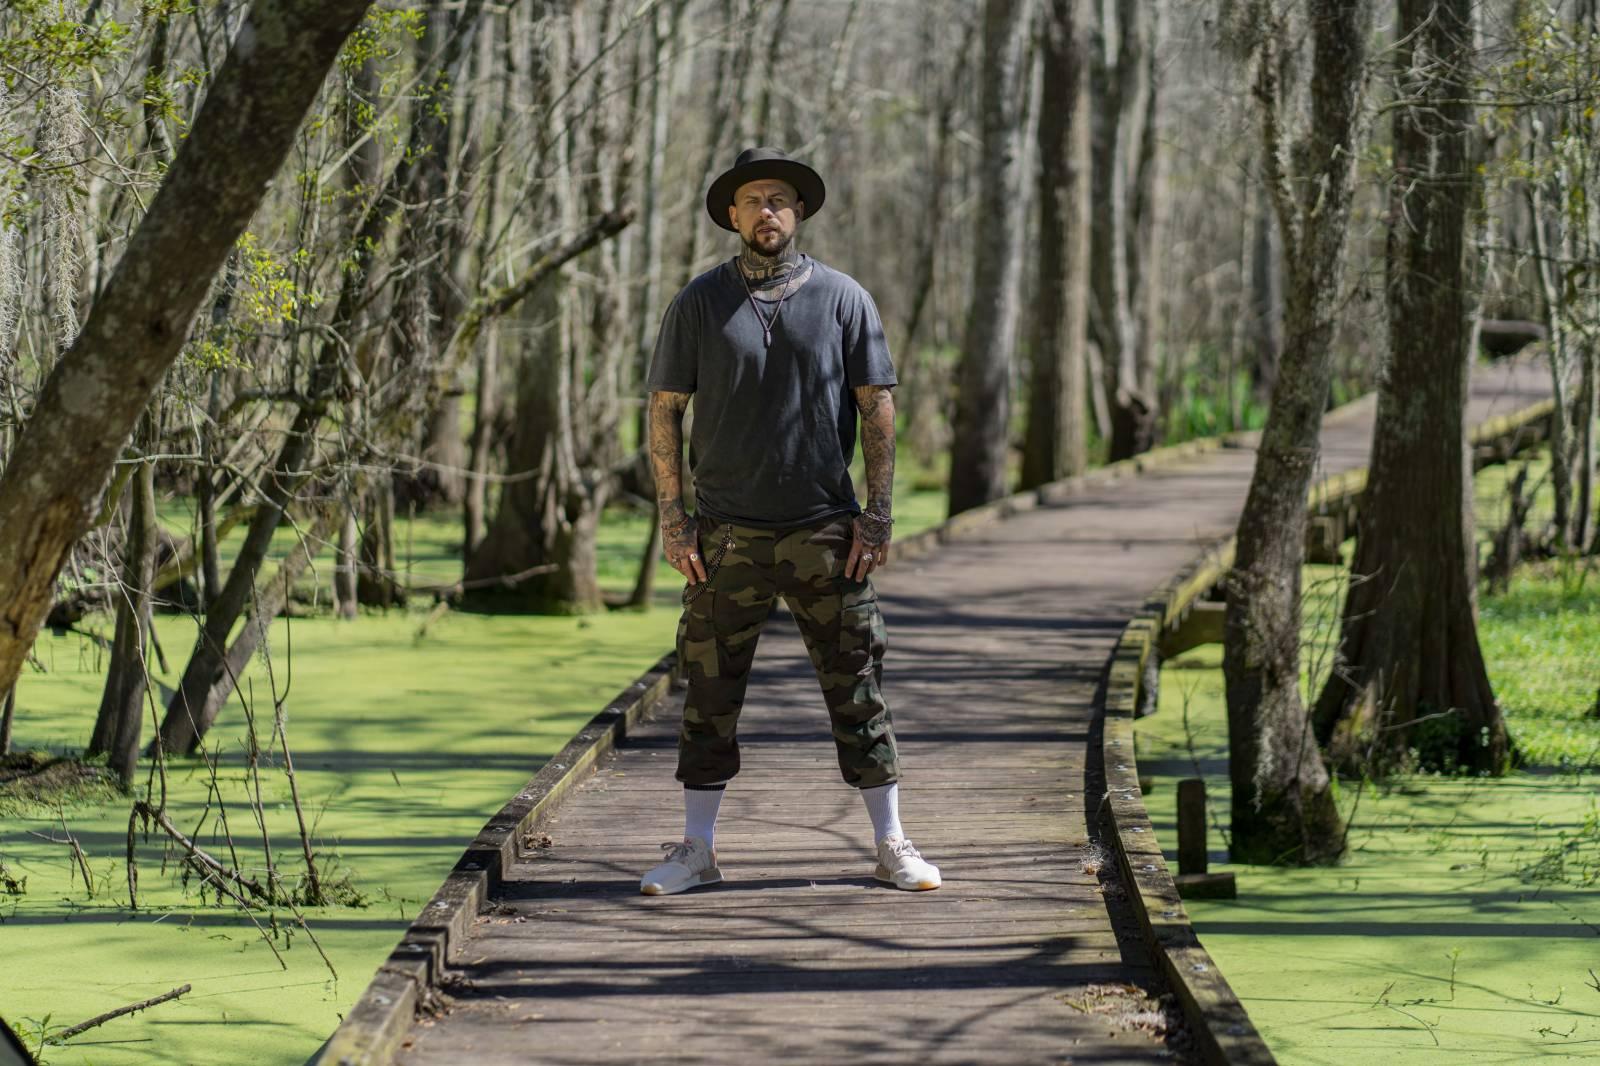 Marpo vydává nový track Hillbilly, natáčel ho až v daleké Louisianě